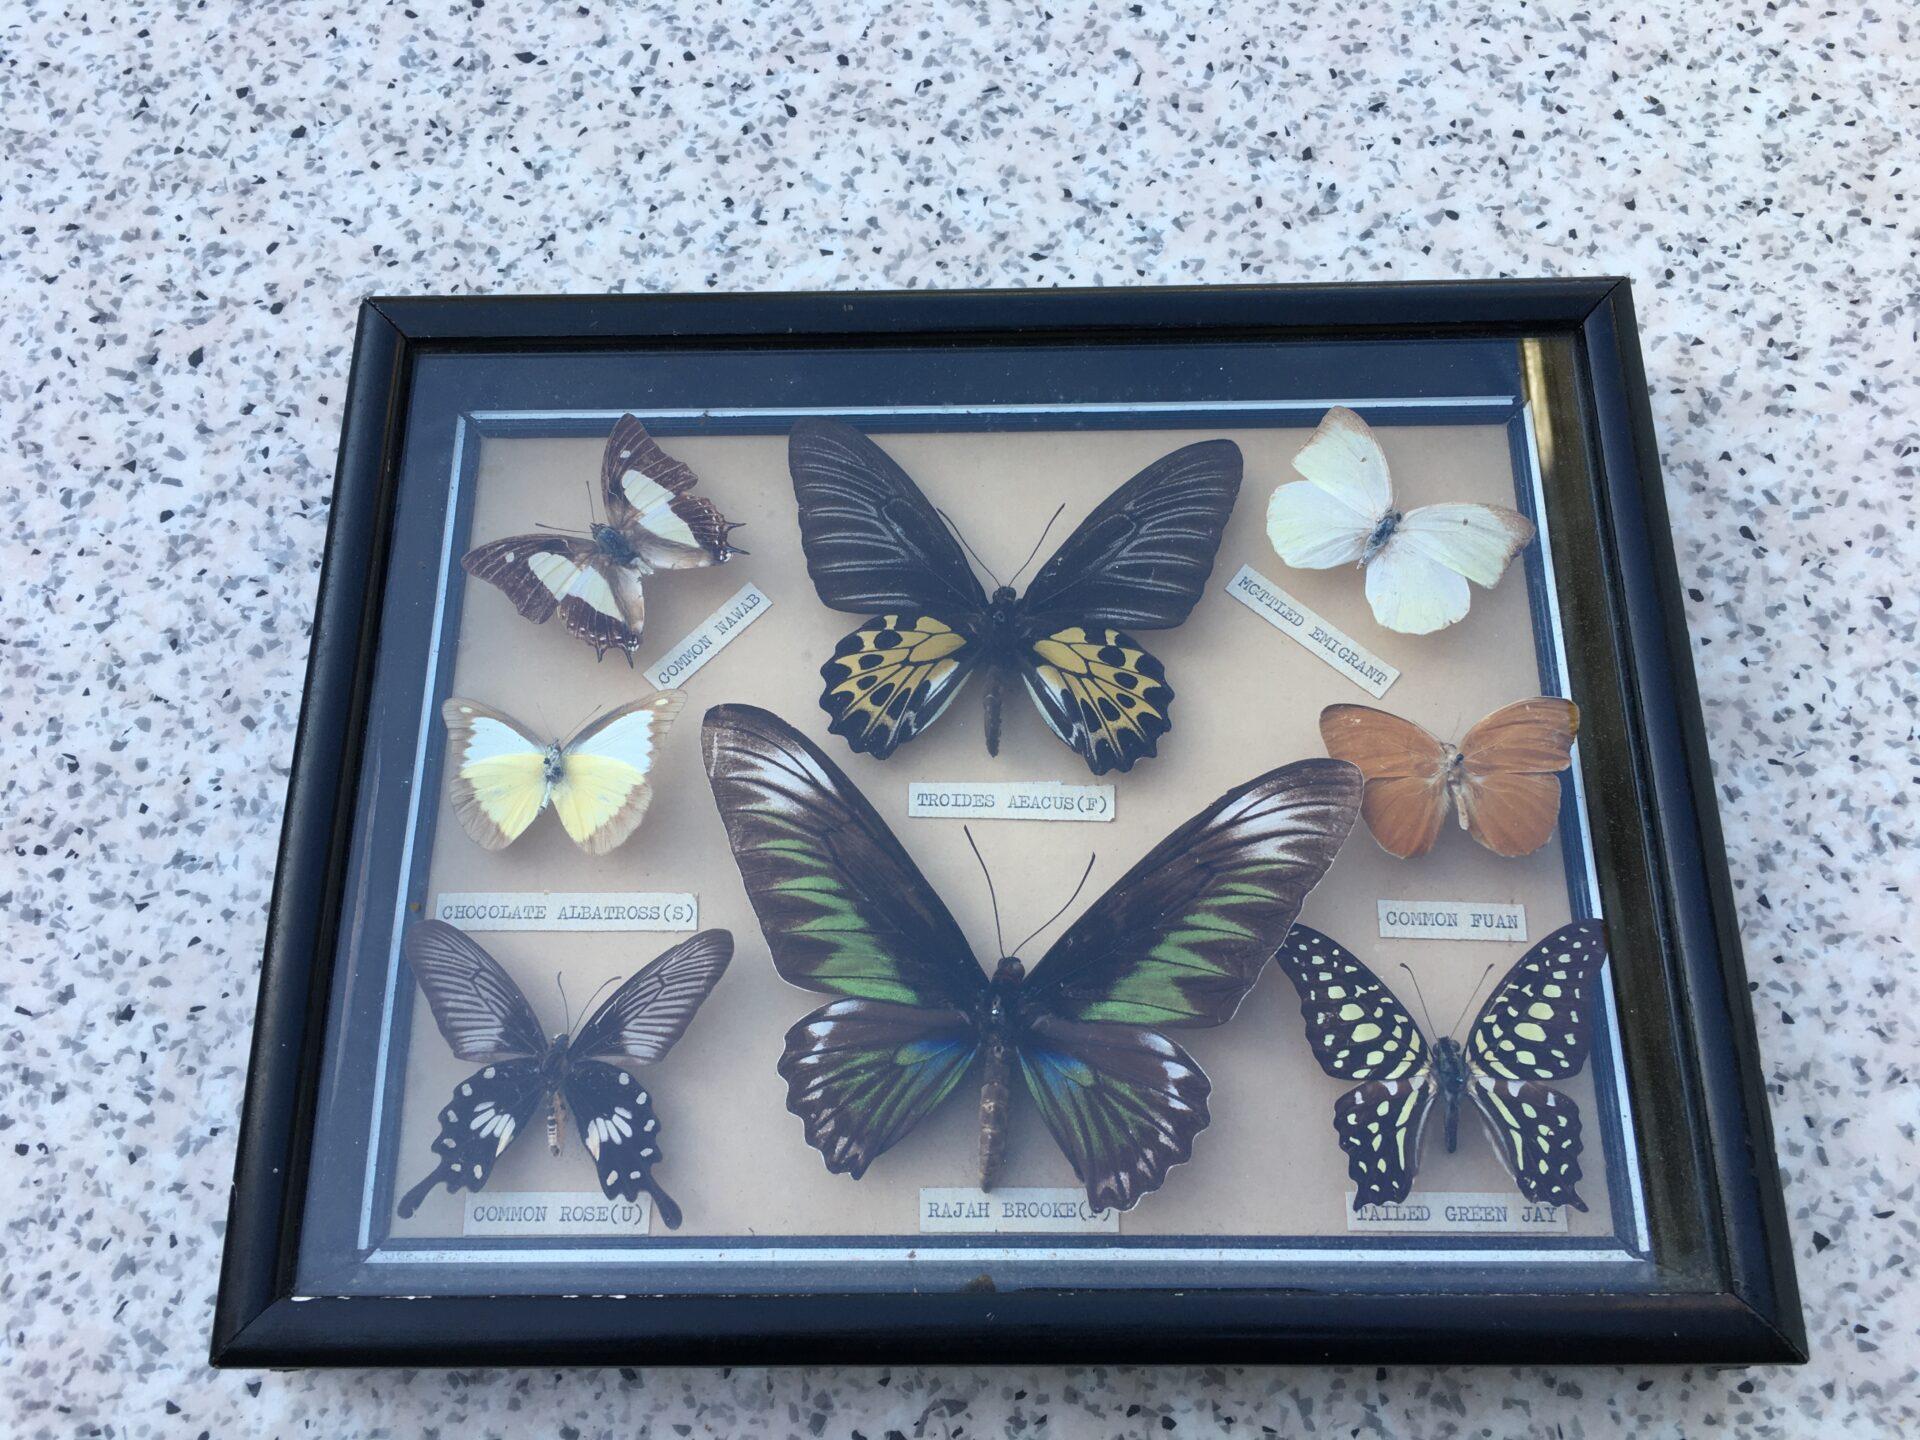 Samling sjældne sommerfugle i vitrine til ophæng (30x25x4 cm). Pris 400 kr